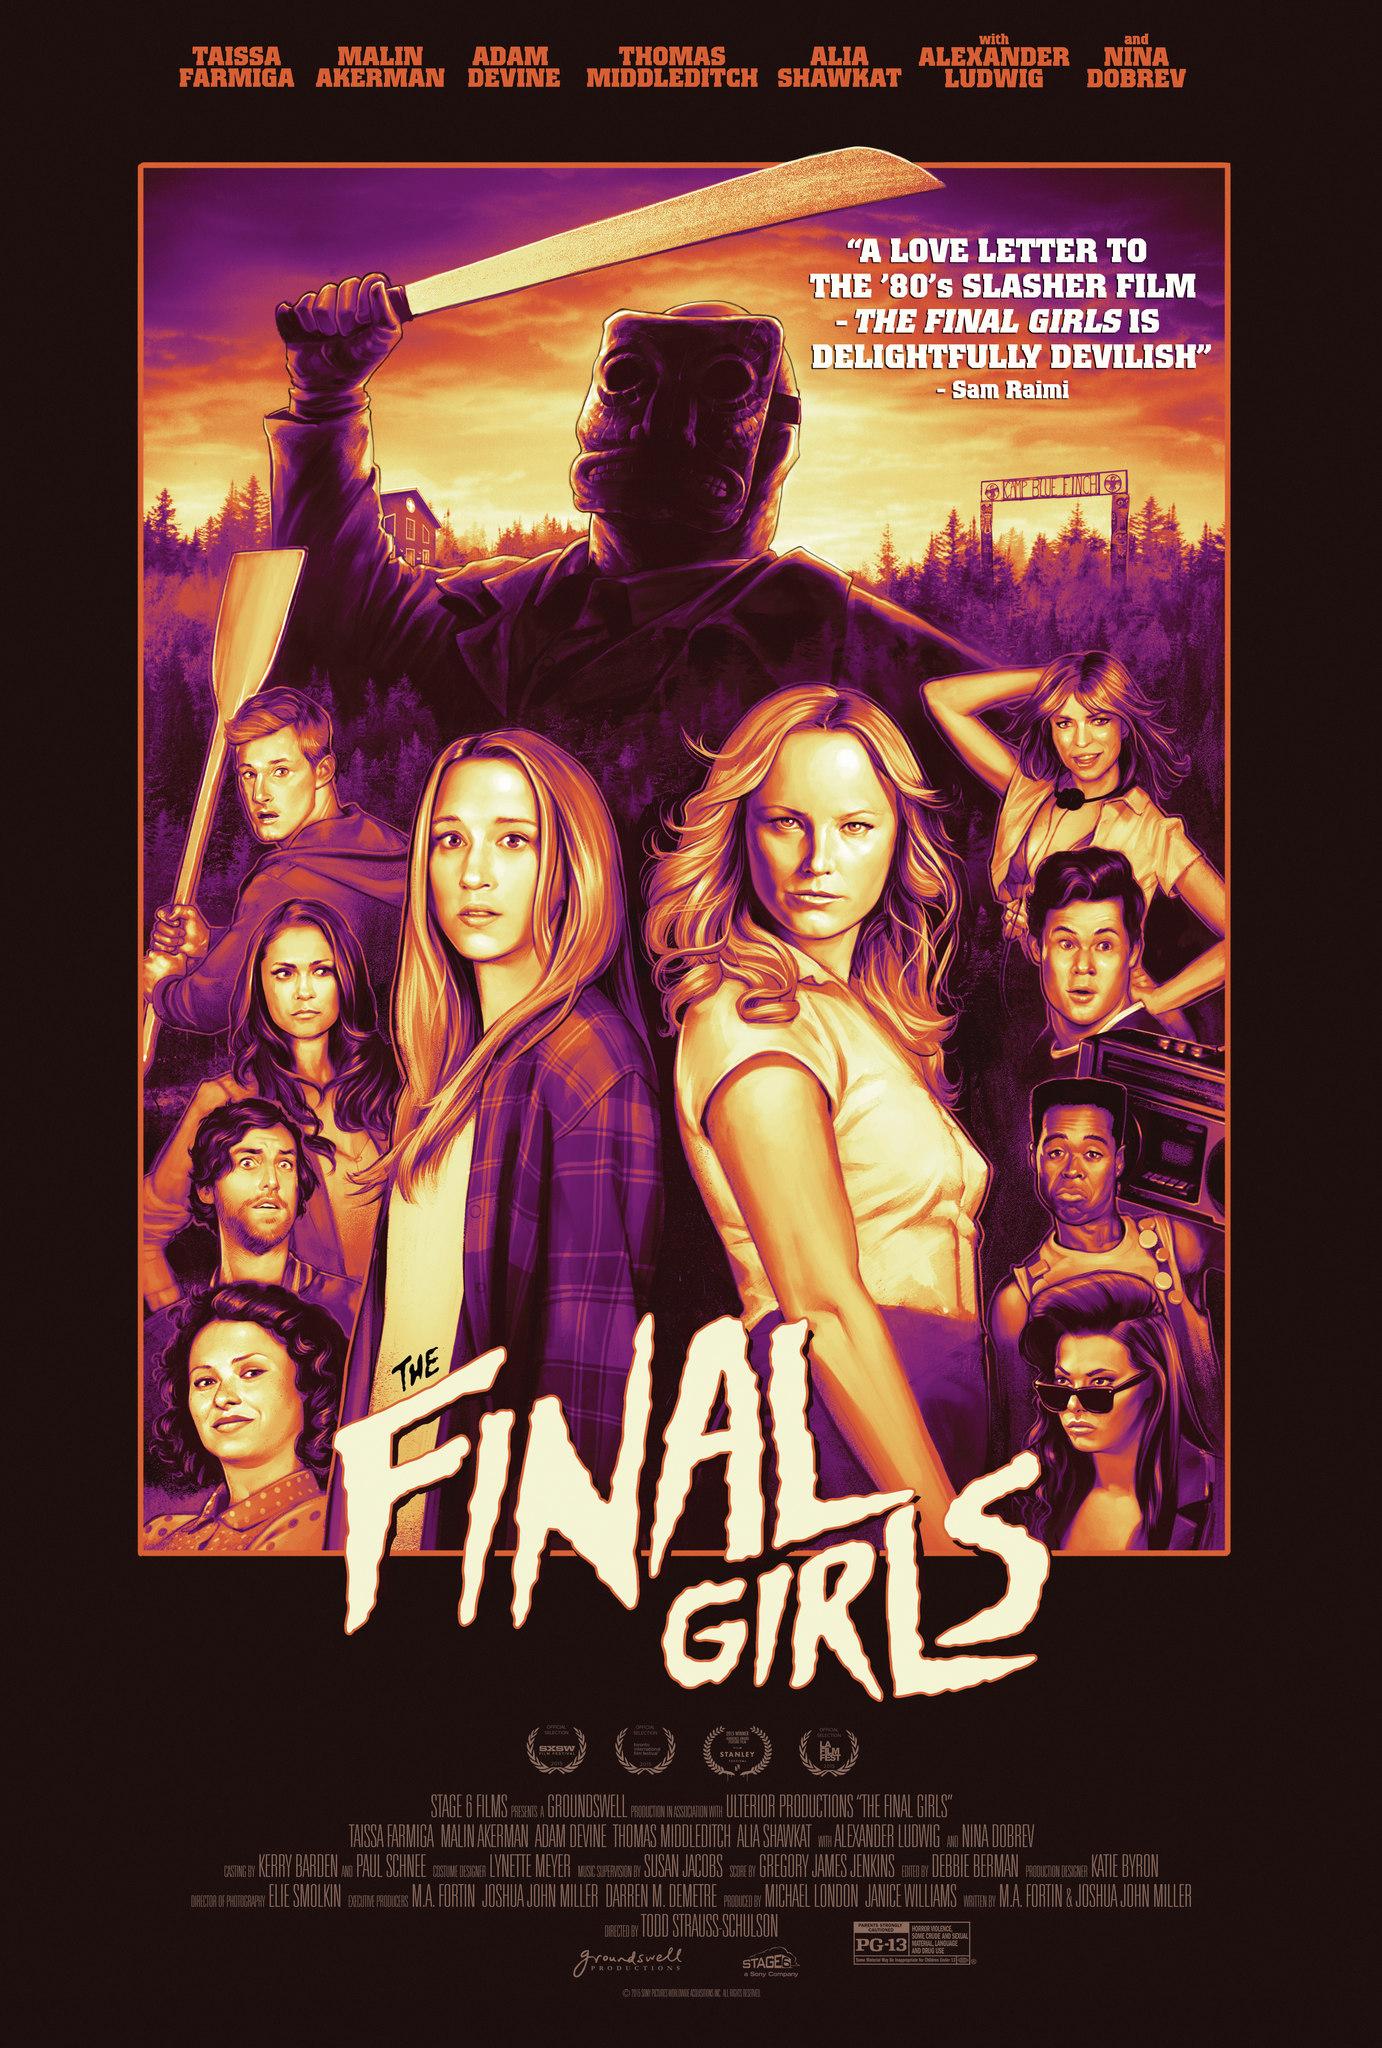 27. The Final Girls (2015) -